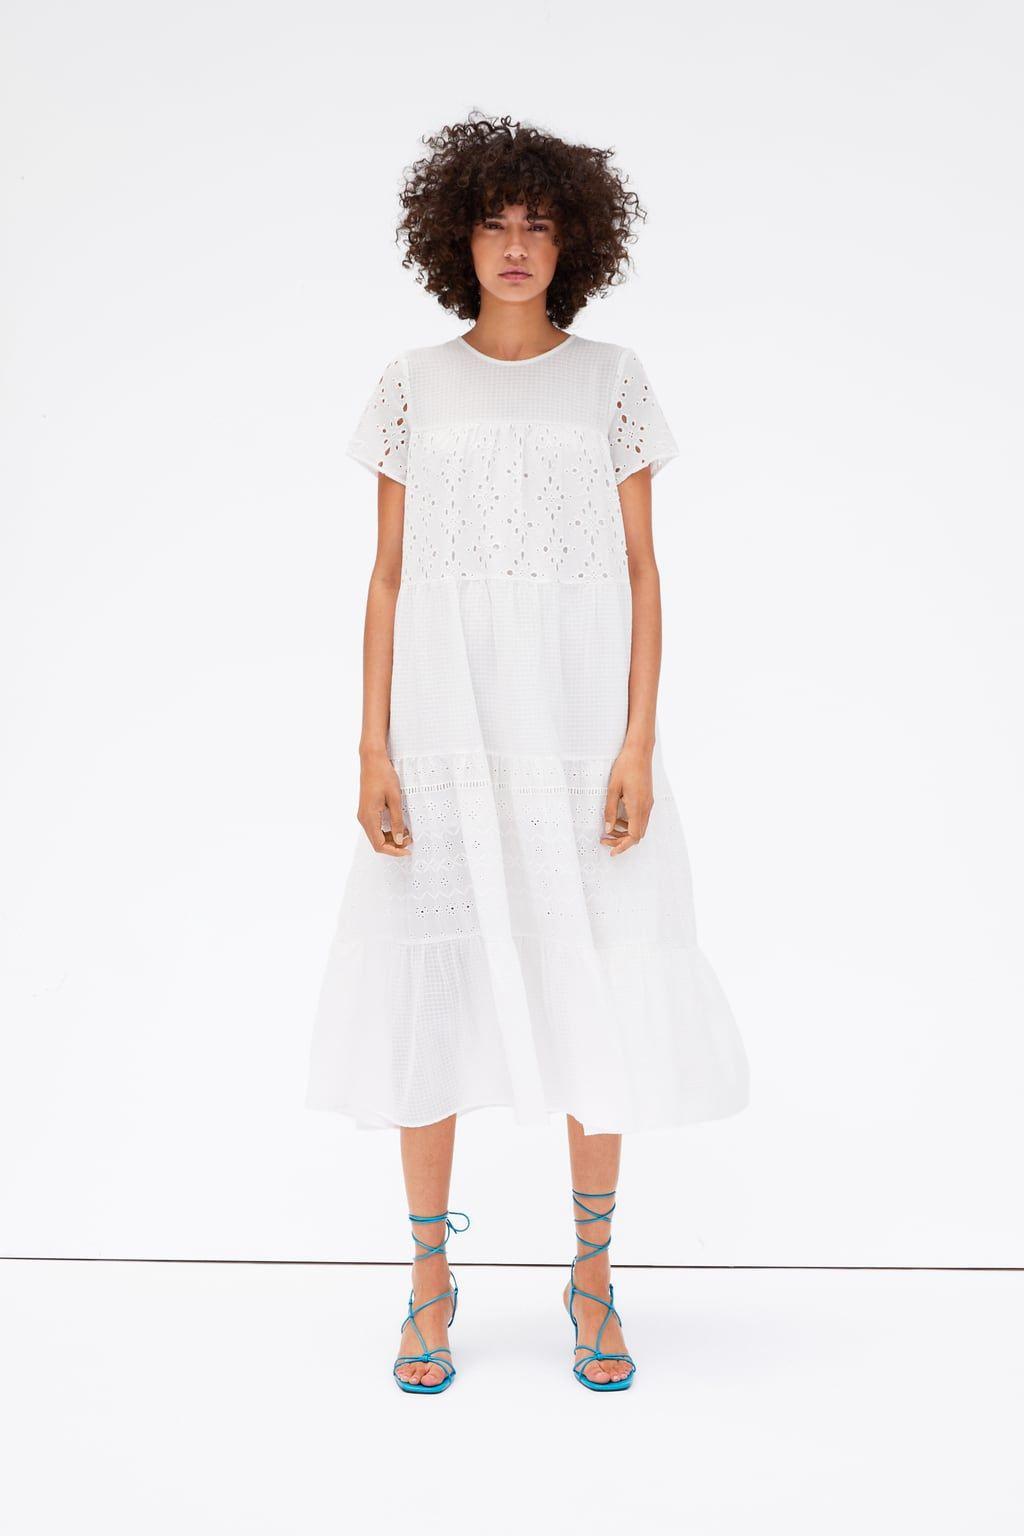 Formal Großartig Kleider Midi Sommer Spezialgebiet15 Elegant Kleider Midi Sommer Design